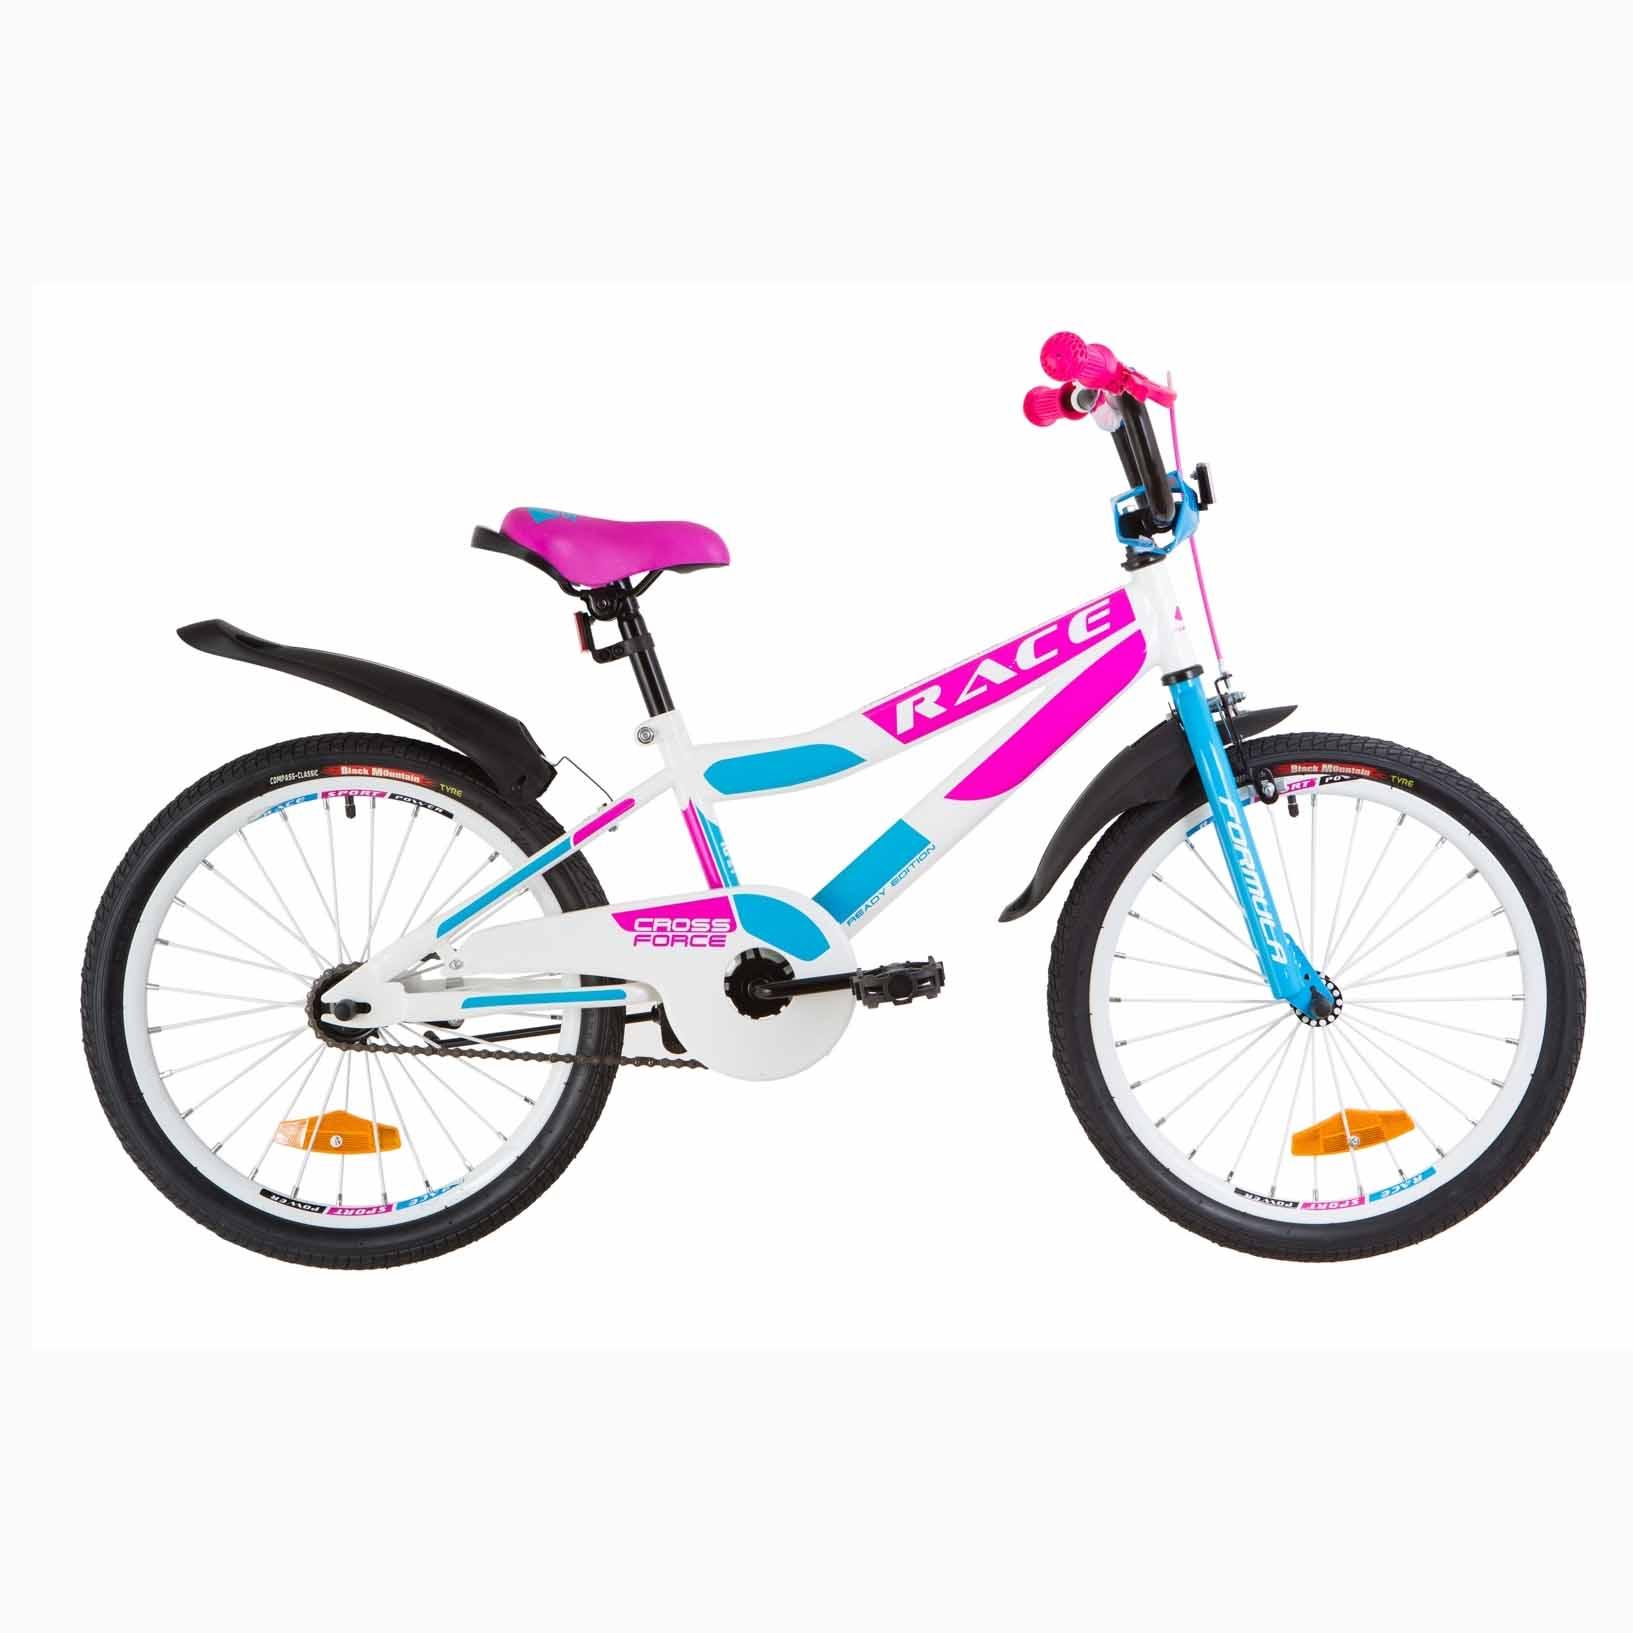 Фото Детский Велосипед 20 Formula RACE  усилен.  бело-голубой с малиновым  2019